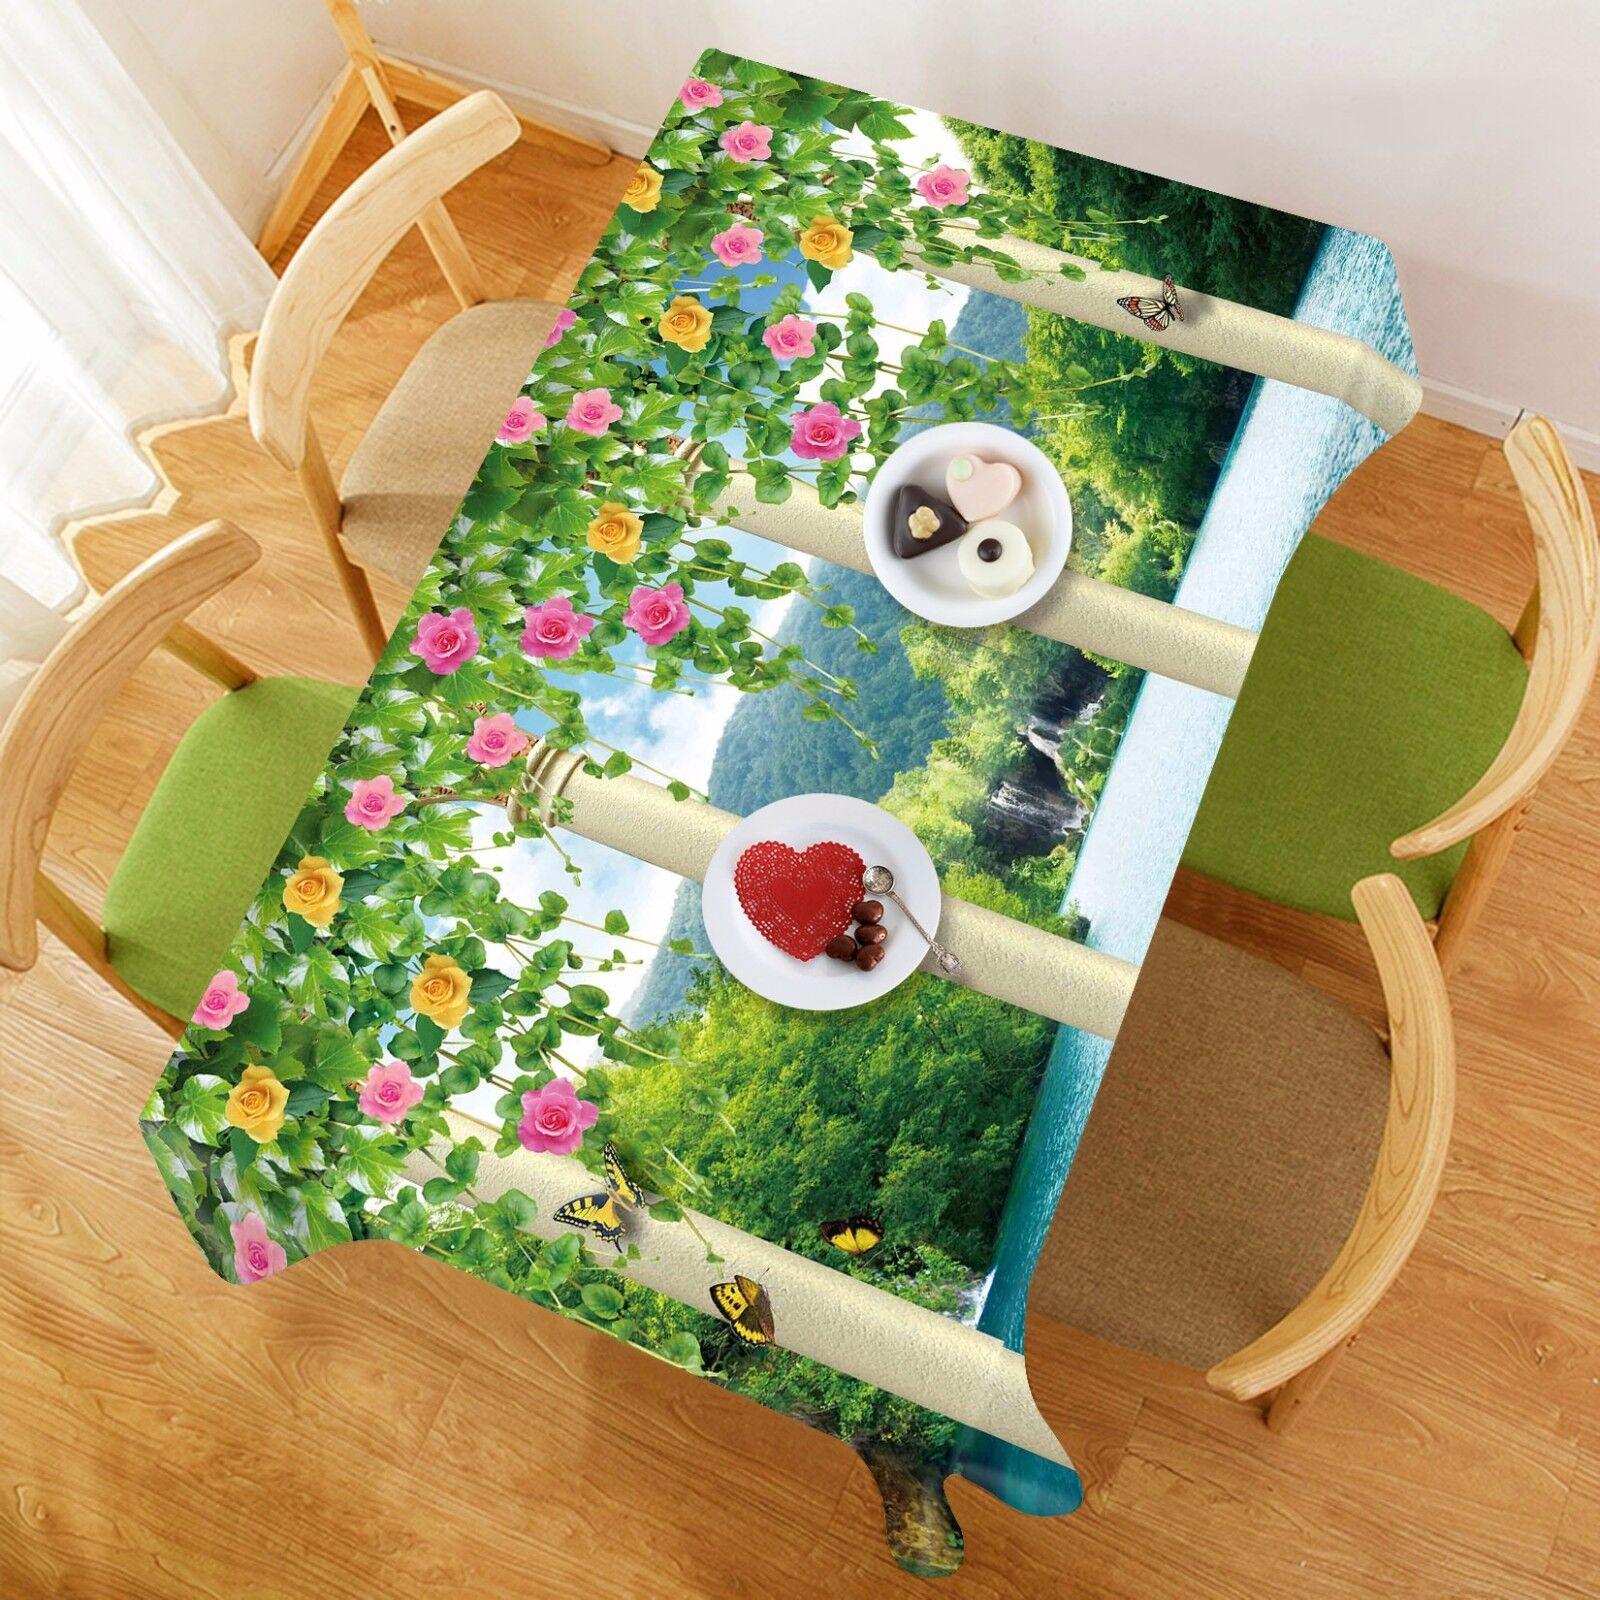 Jardin 3D 9032 Nappe Table Cover Cloth Fête D'Anniversaire événement AJ papier peint UK